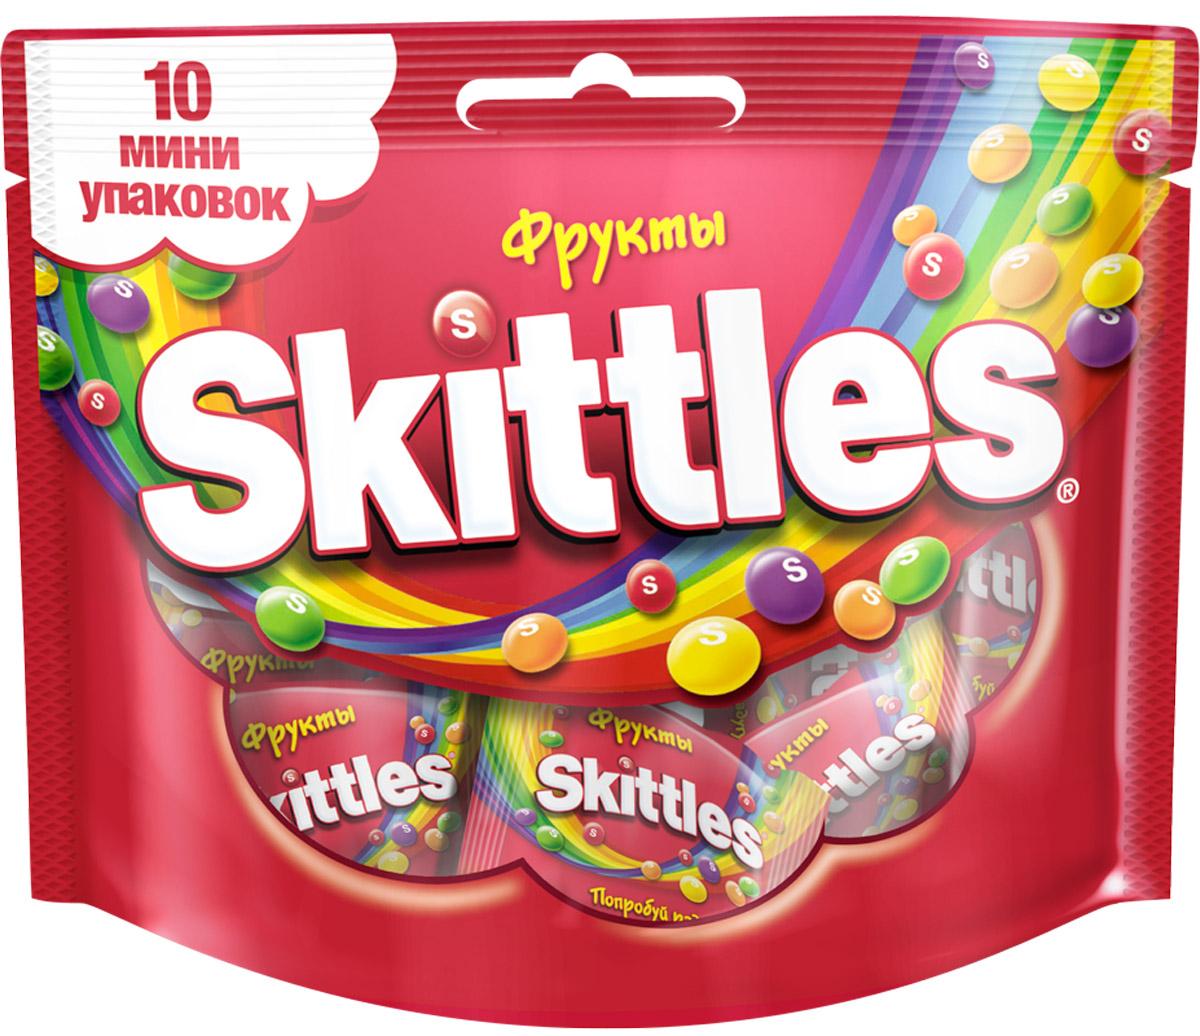 Skittles Фрукты драже в сахарной глазури, 10 пачек по 12 г4009900498135Жевательные конфеты Skittles c разноцветной глазурью предлагают радугу фруктовых вкусов в каждой упаковке!Конфеты с ароматами лимона, лайма, апельсина, клубники и черной смородины: заразитесь радугой, попробуйте радугу!